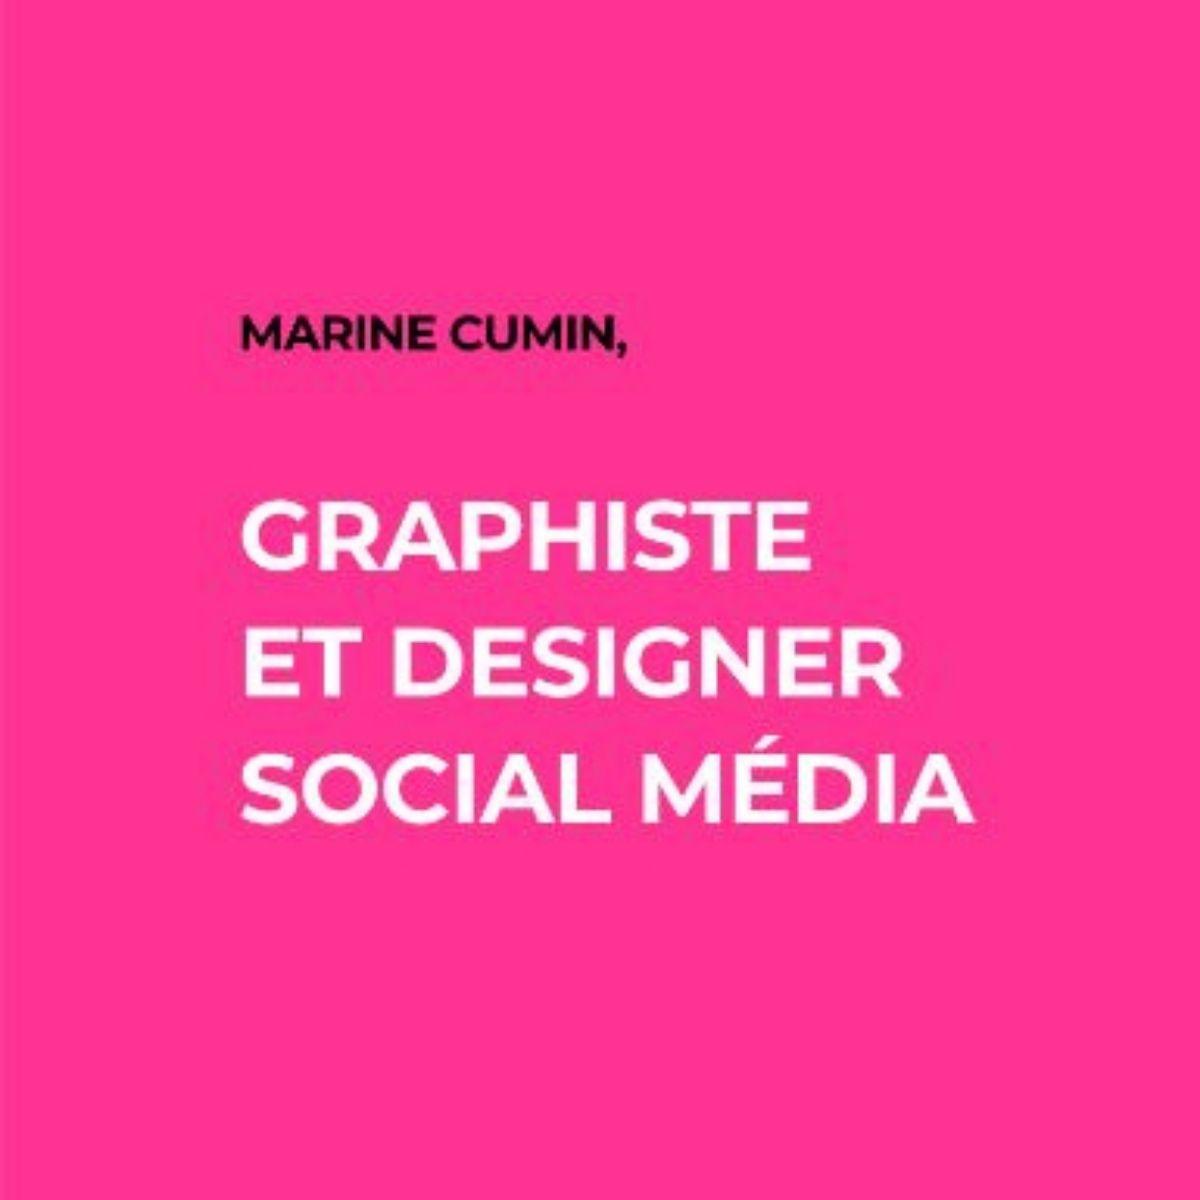 Cominfluente_graphisme_social_média